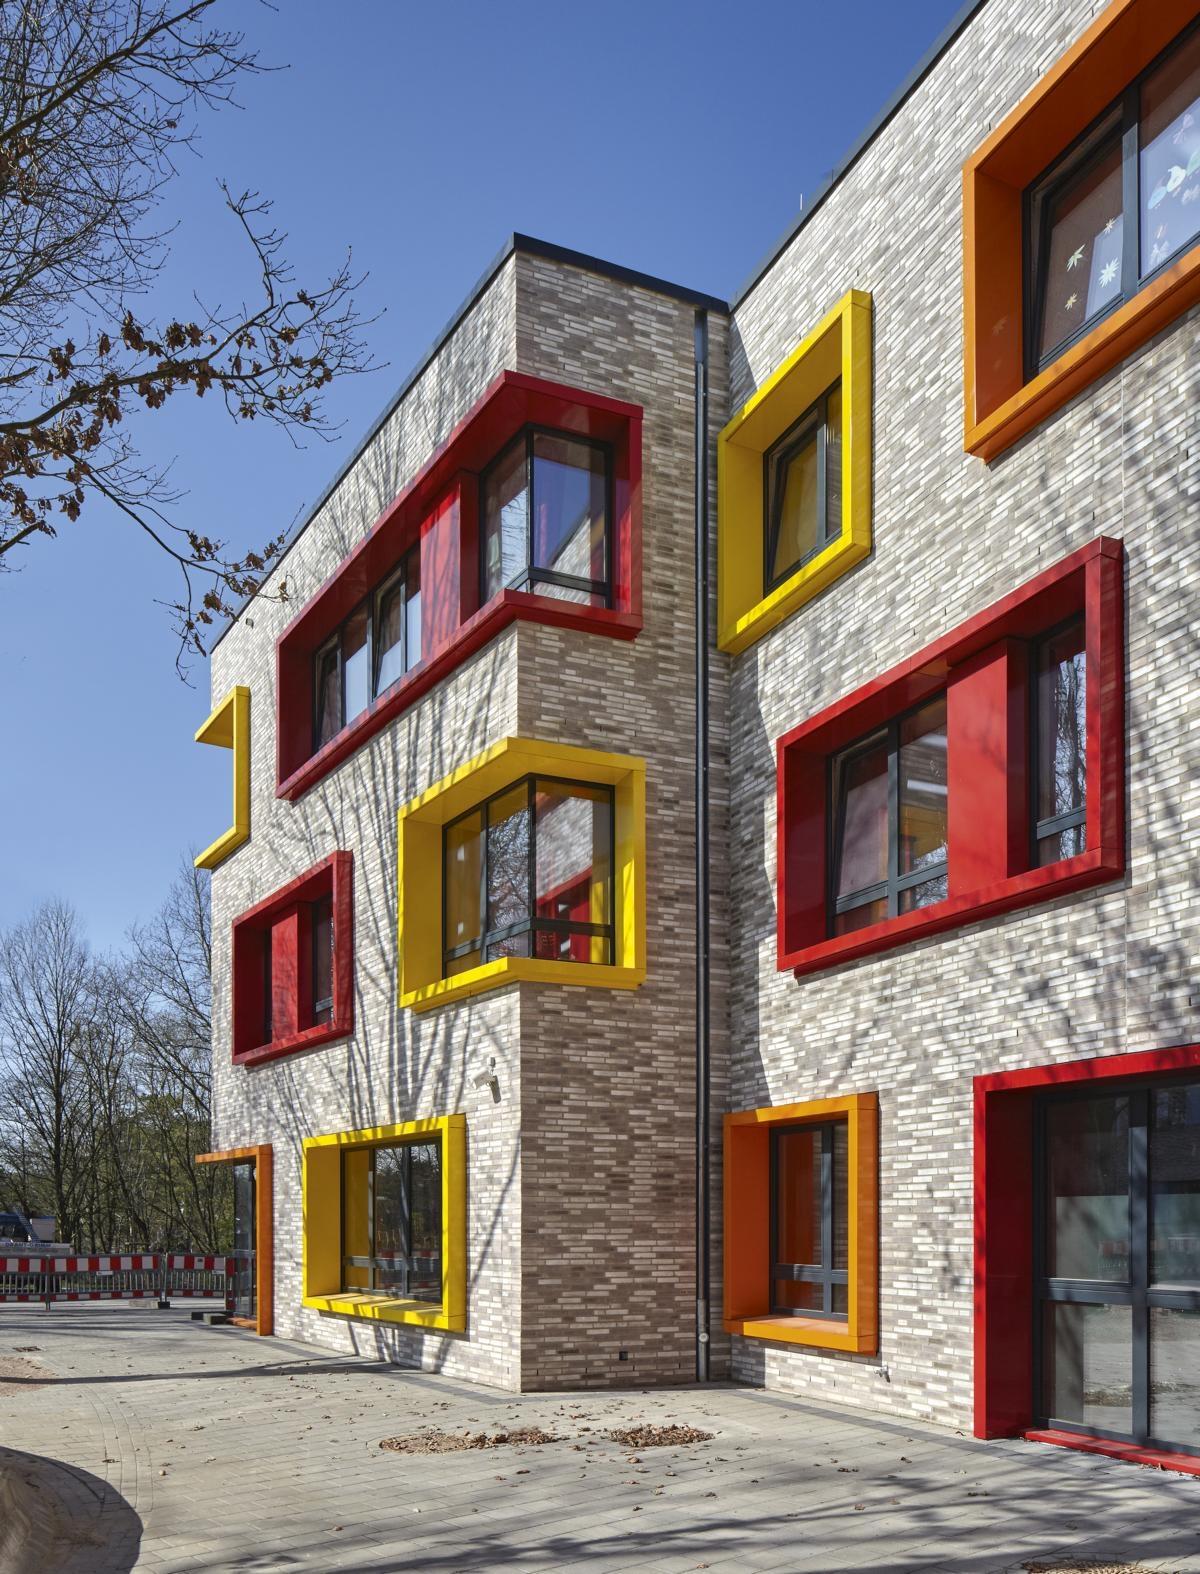 schule in der alten forst hamburg bds steffen architekten bda. Black Bedroom Furniture Sets. Home Design Ideas